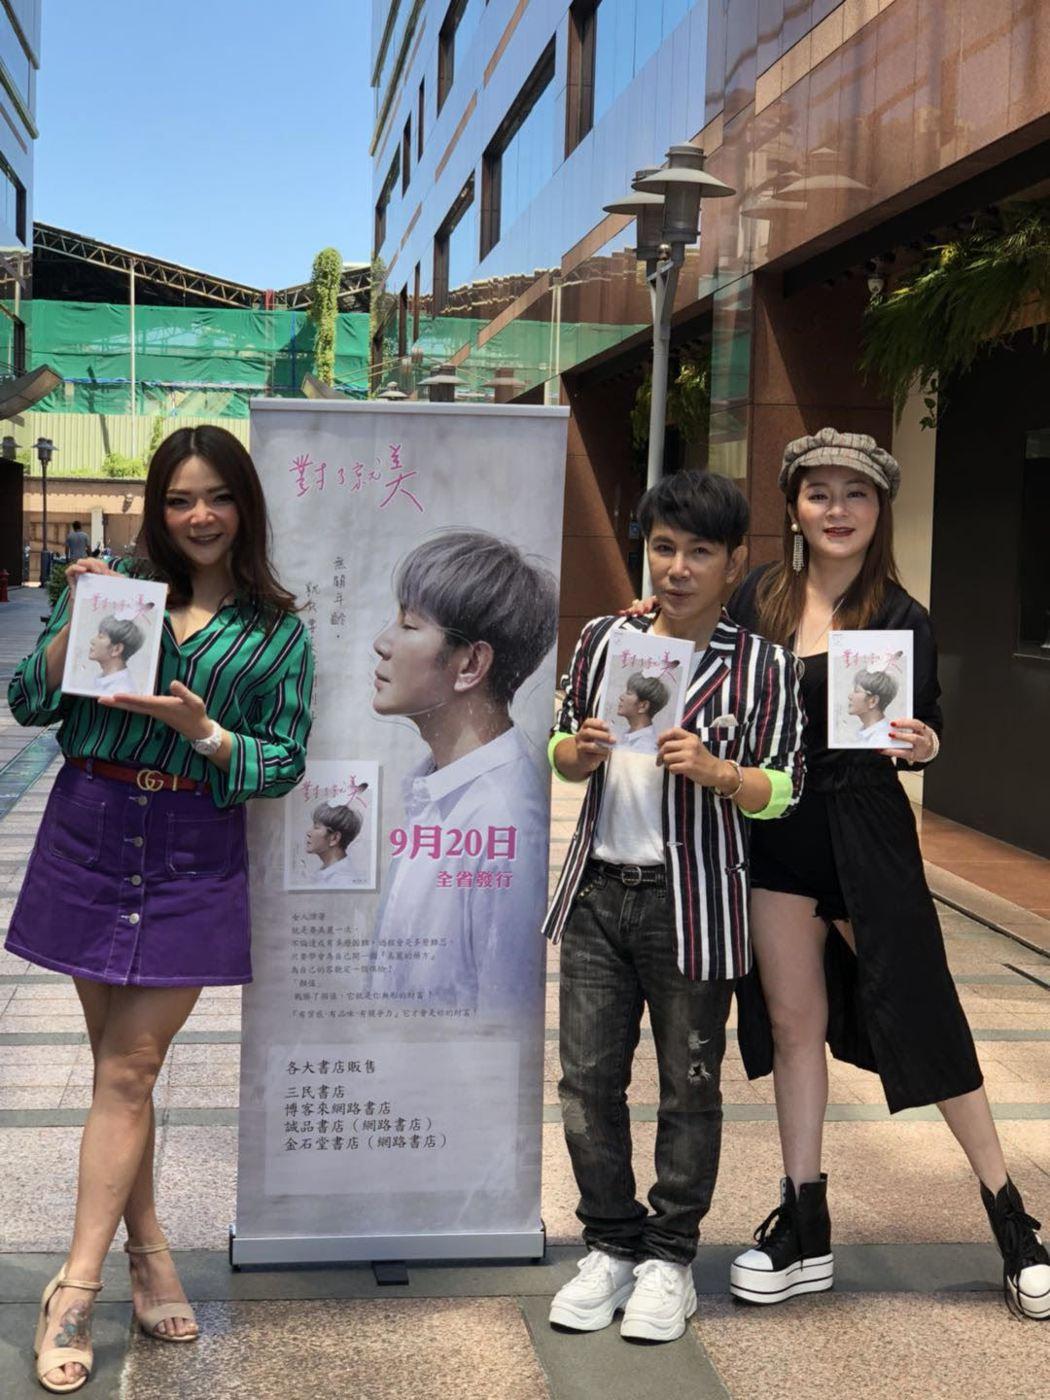 造型師梵緯(中)出新書,小甜甜(左)和王彩樺友情站台。圖/艾迪昇提供